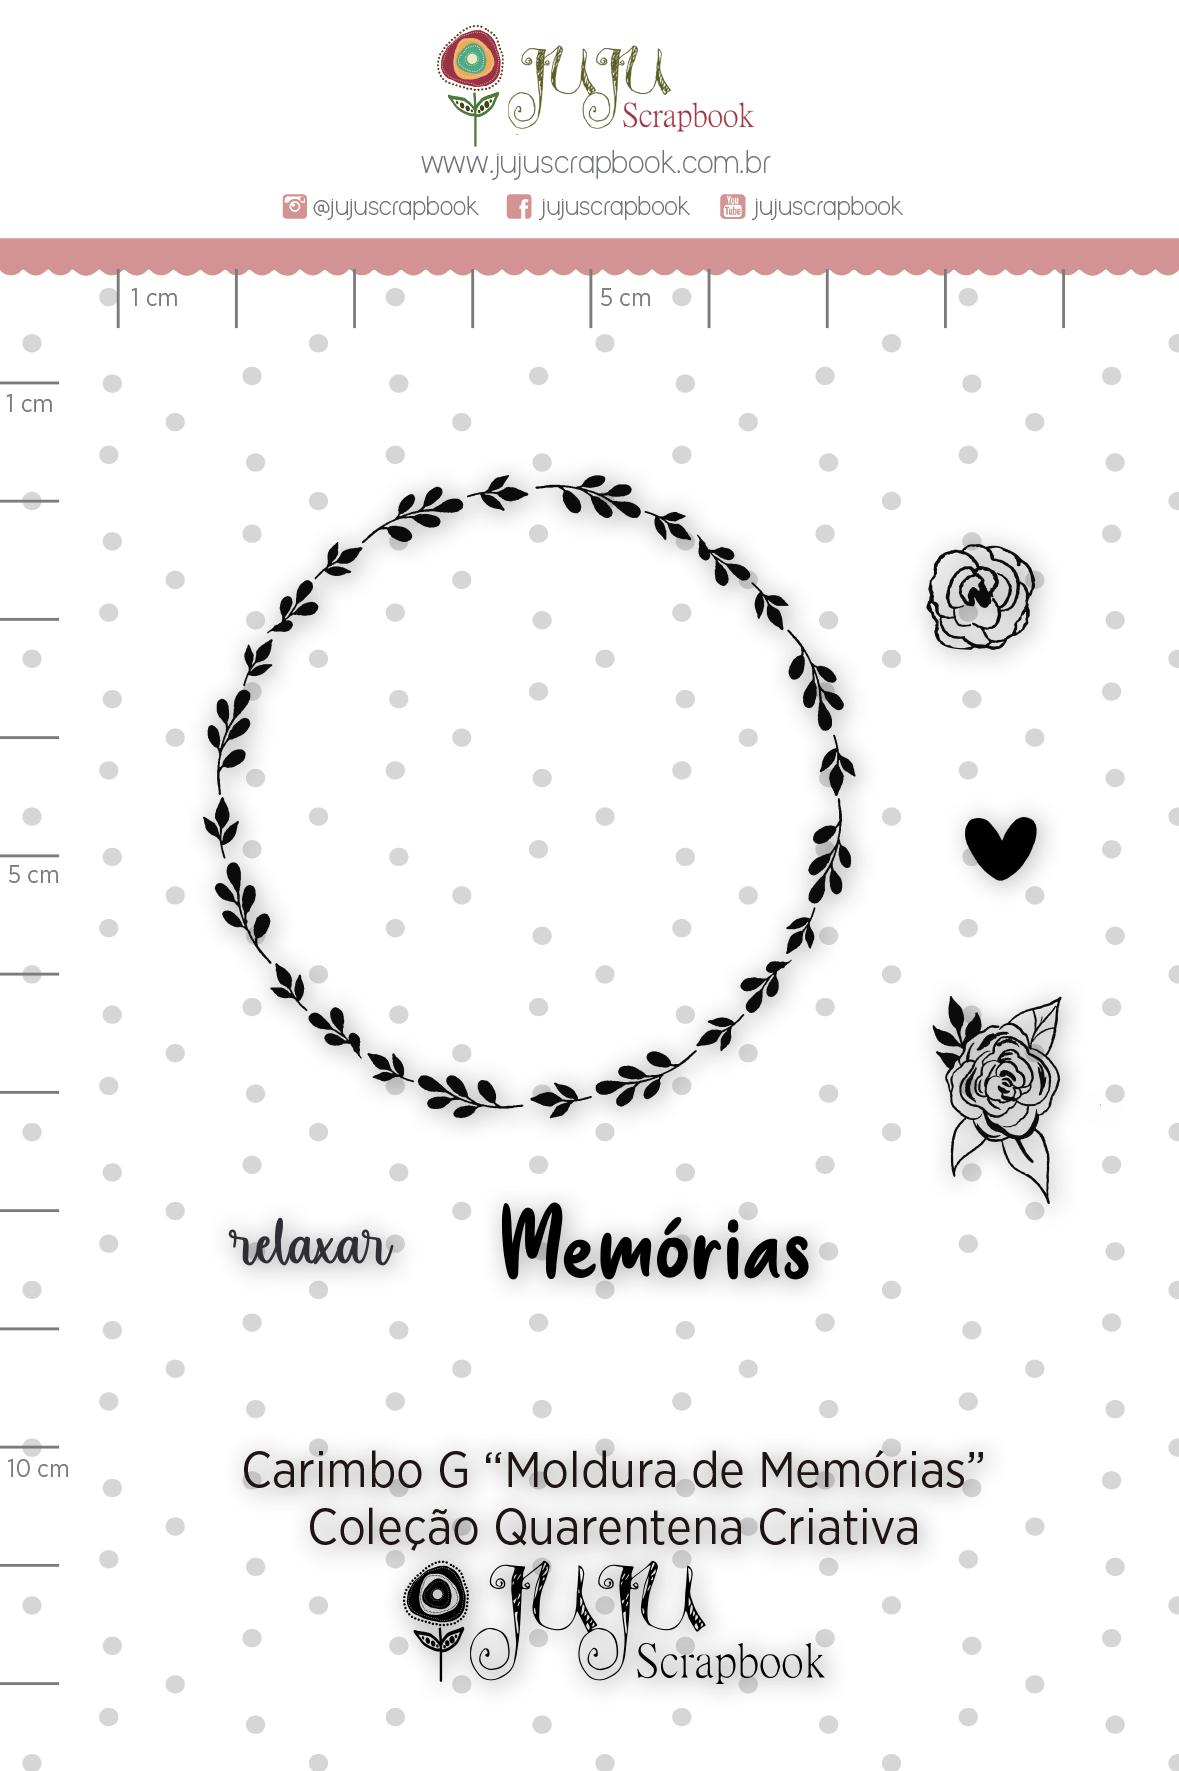 Carimbo G Moldura de Memórias - Coleção Quarentena Criativa - Juju Scrapbook  - JuJu Scrapbook